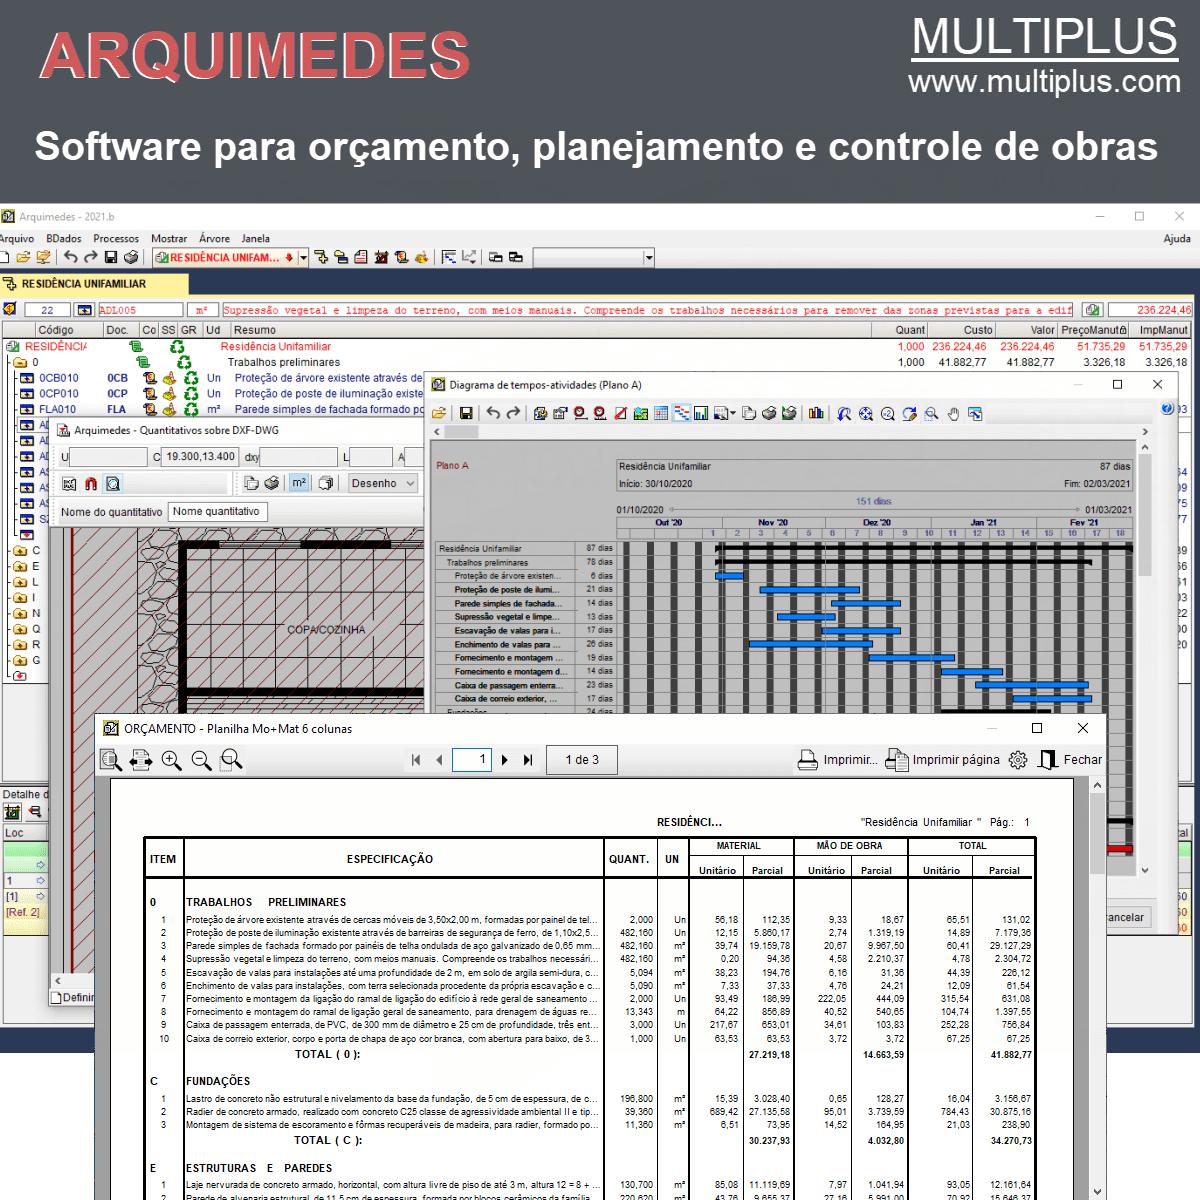 Software Arquimedes OR16 versão 2021 (Licença Eletrônica) incluindo Orçamento, Planejamento, Medição de Obras e Acesso Simultâneo do Orçamento e Base de Dados  - MULTIPLUS SOFTWARES